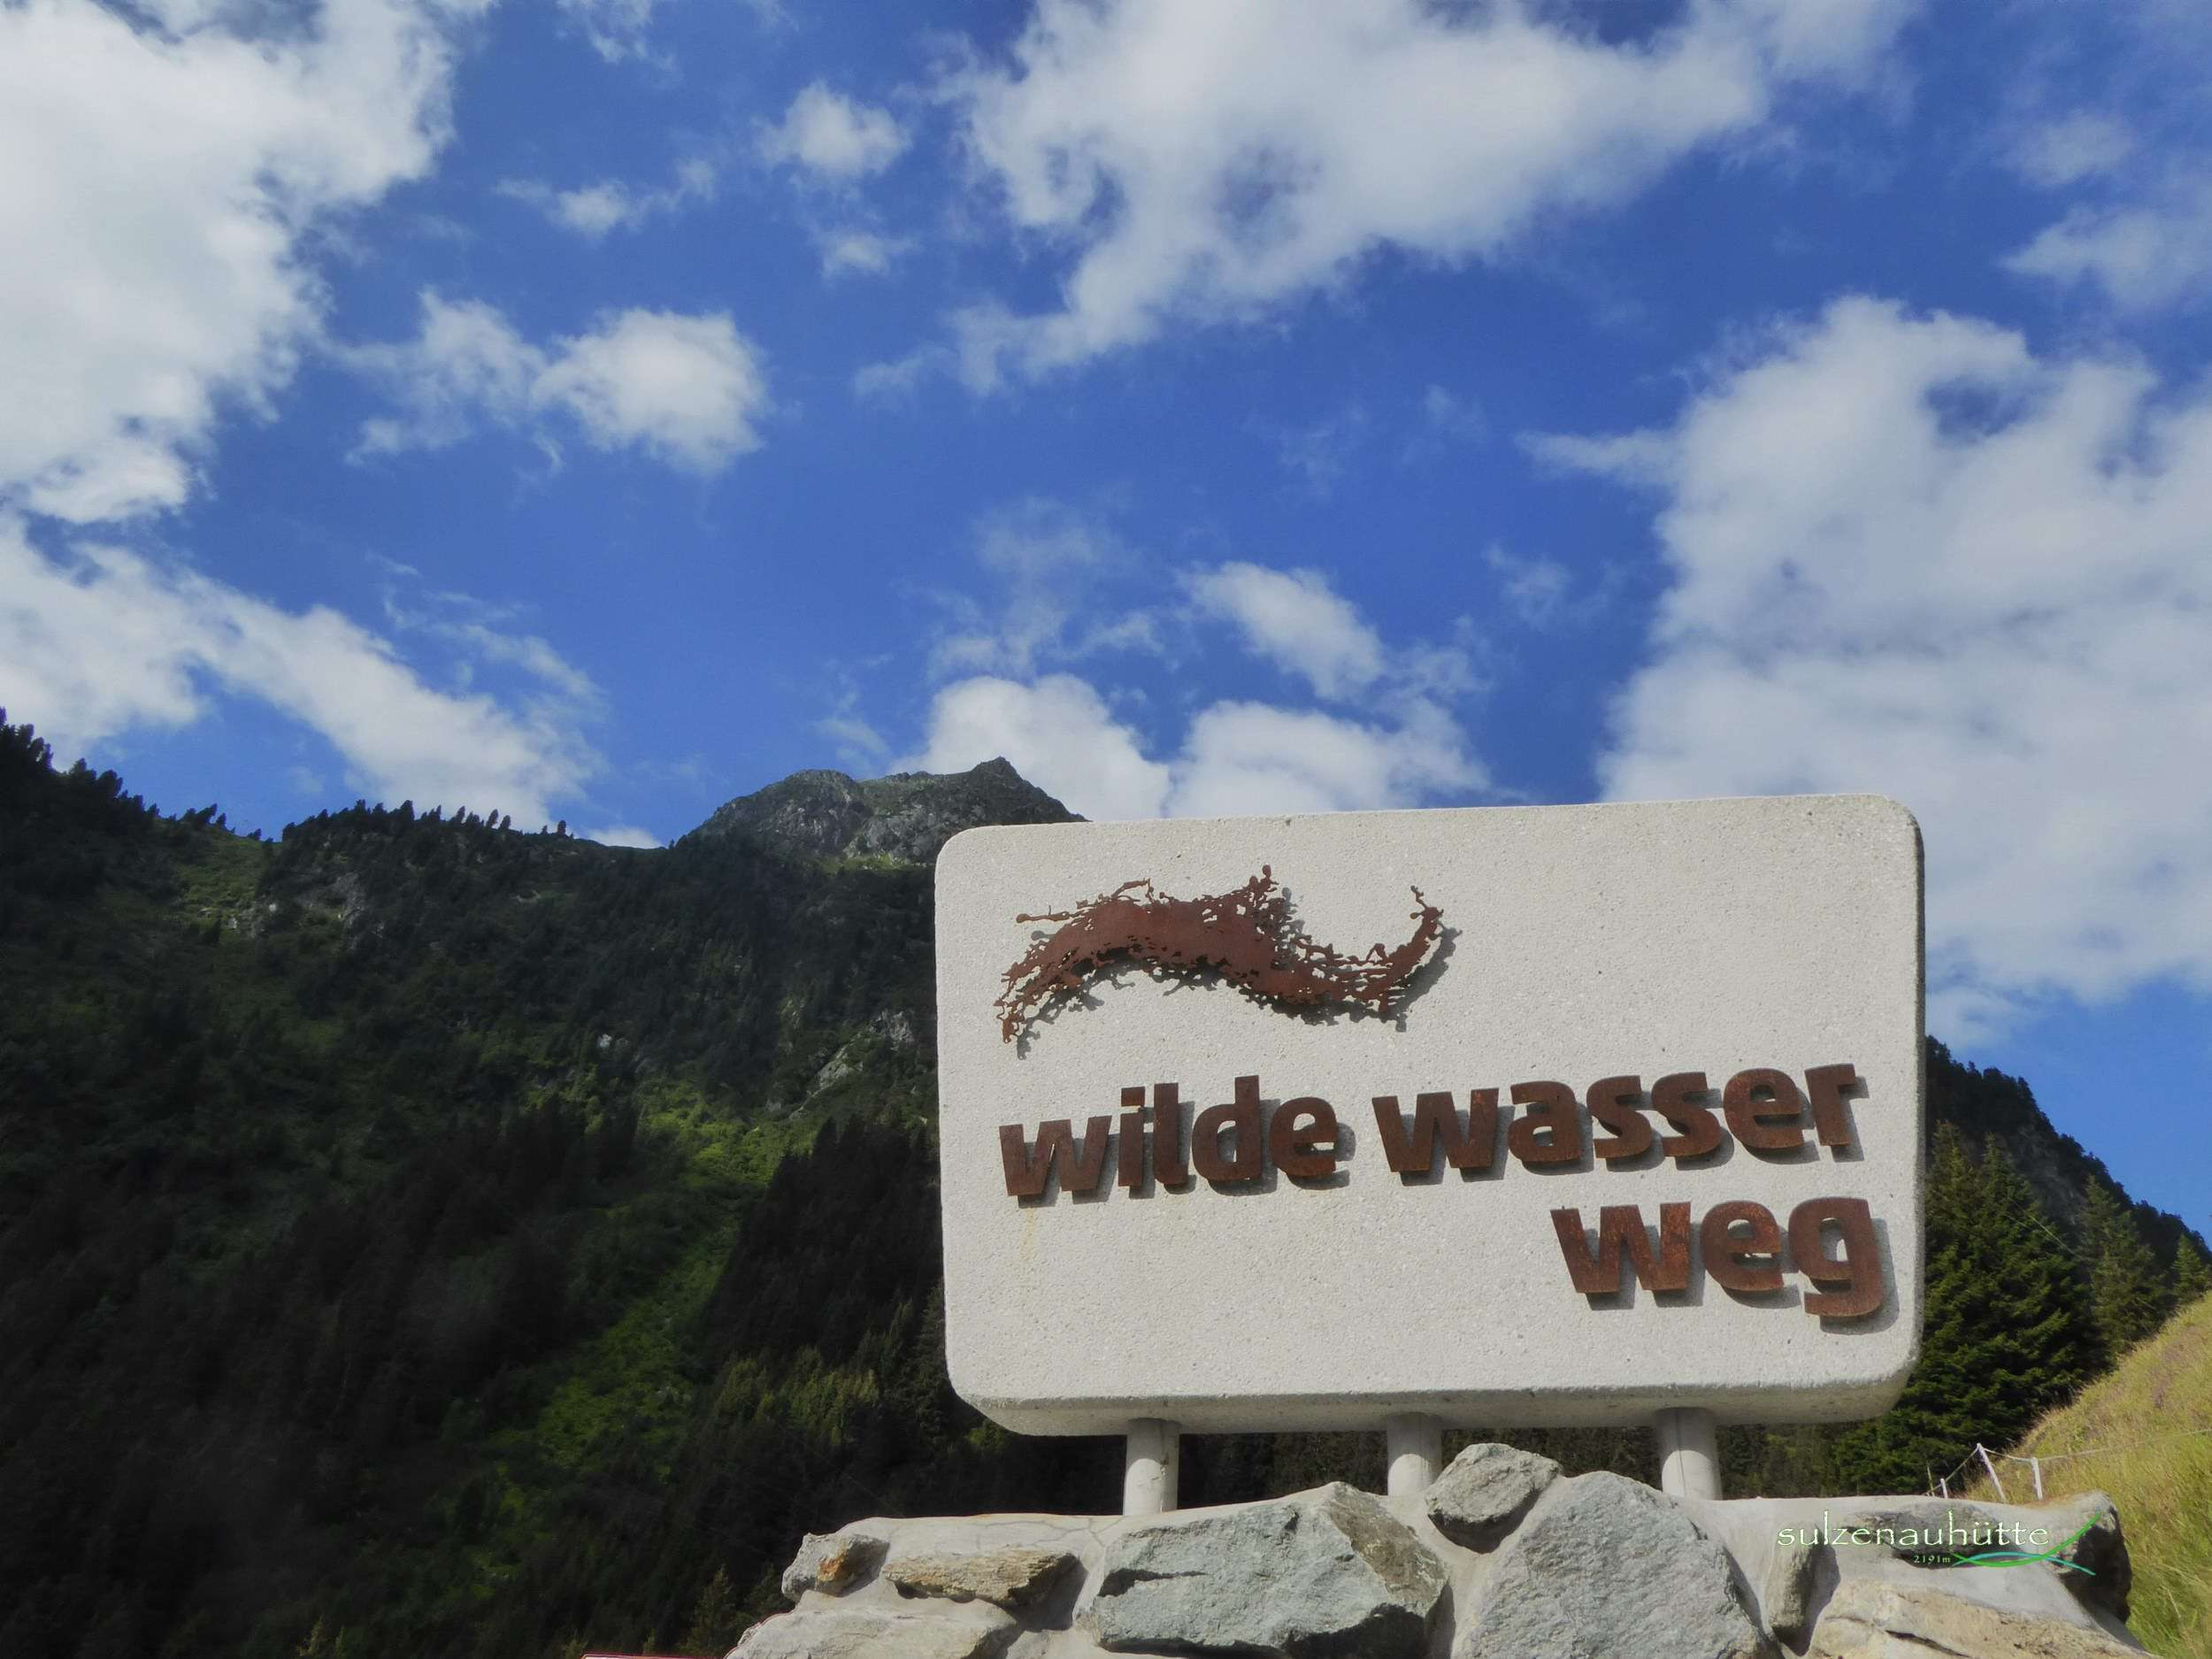 WildeWasserWeg